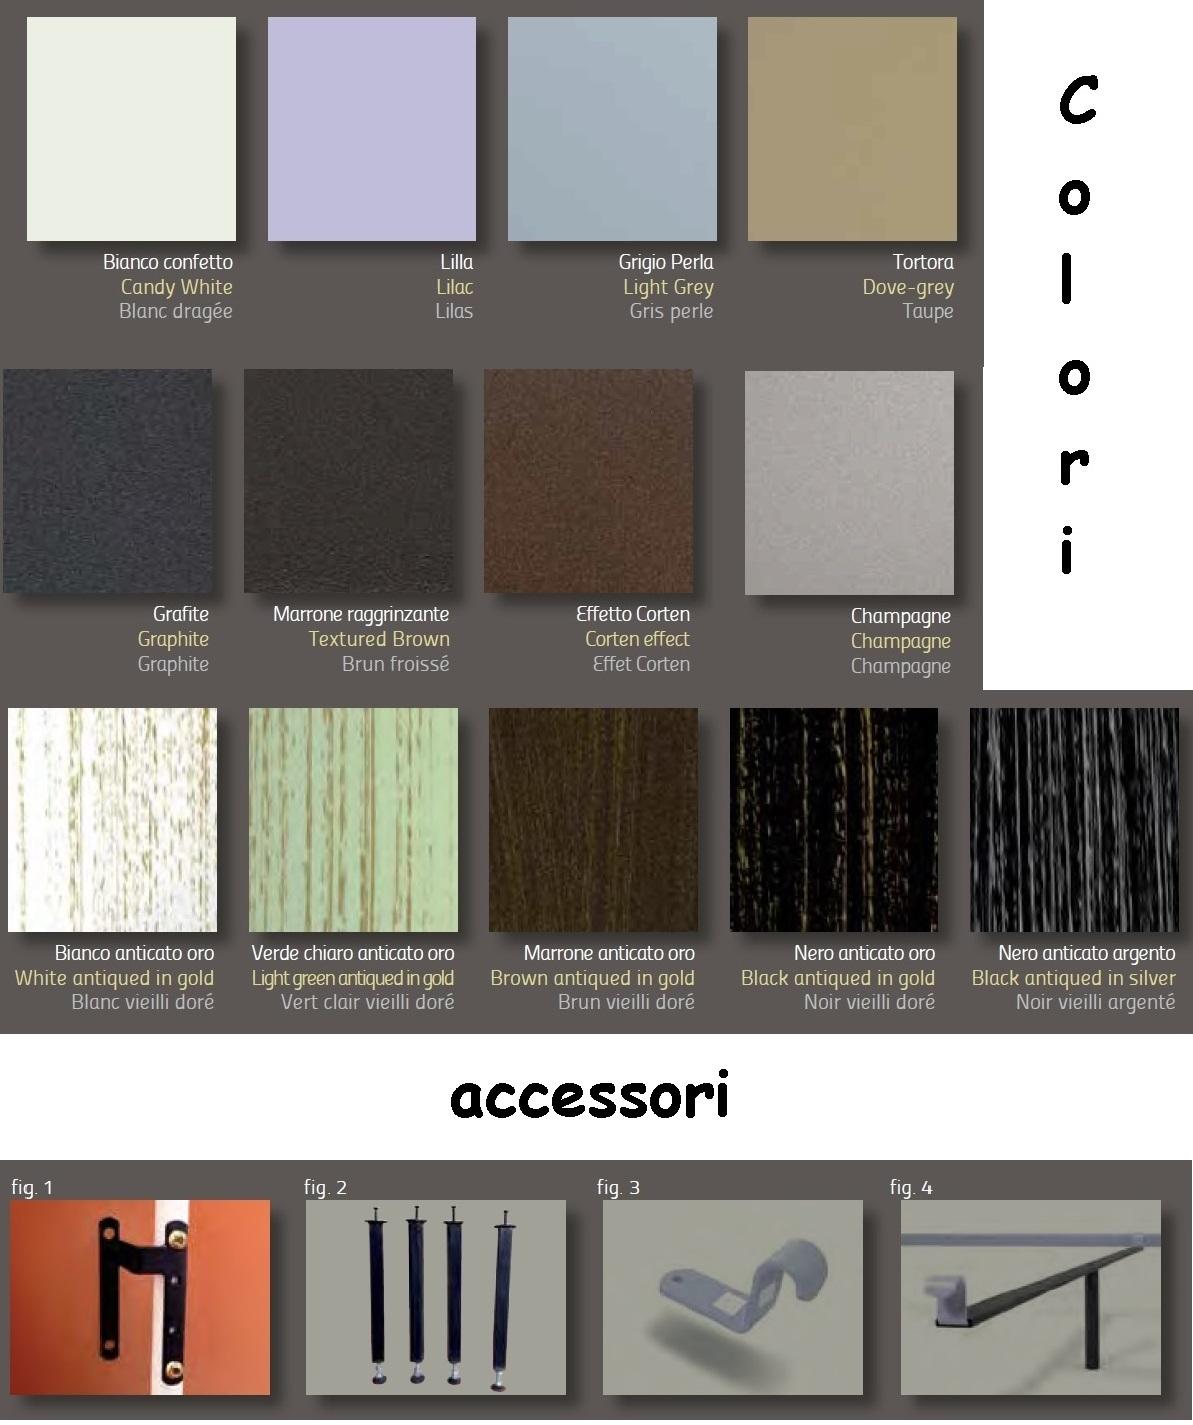 Best Letti Cosatto Prezzi Gallery - Amazing House Design ...